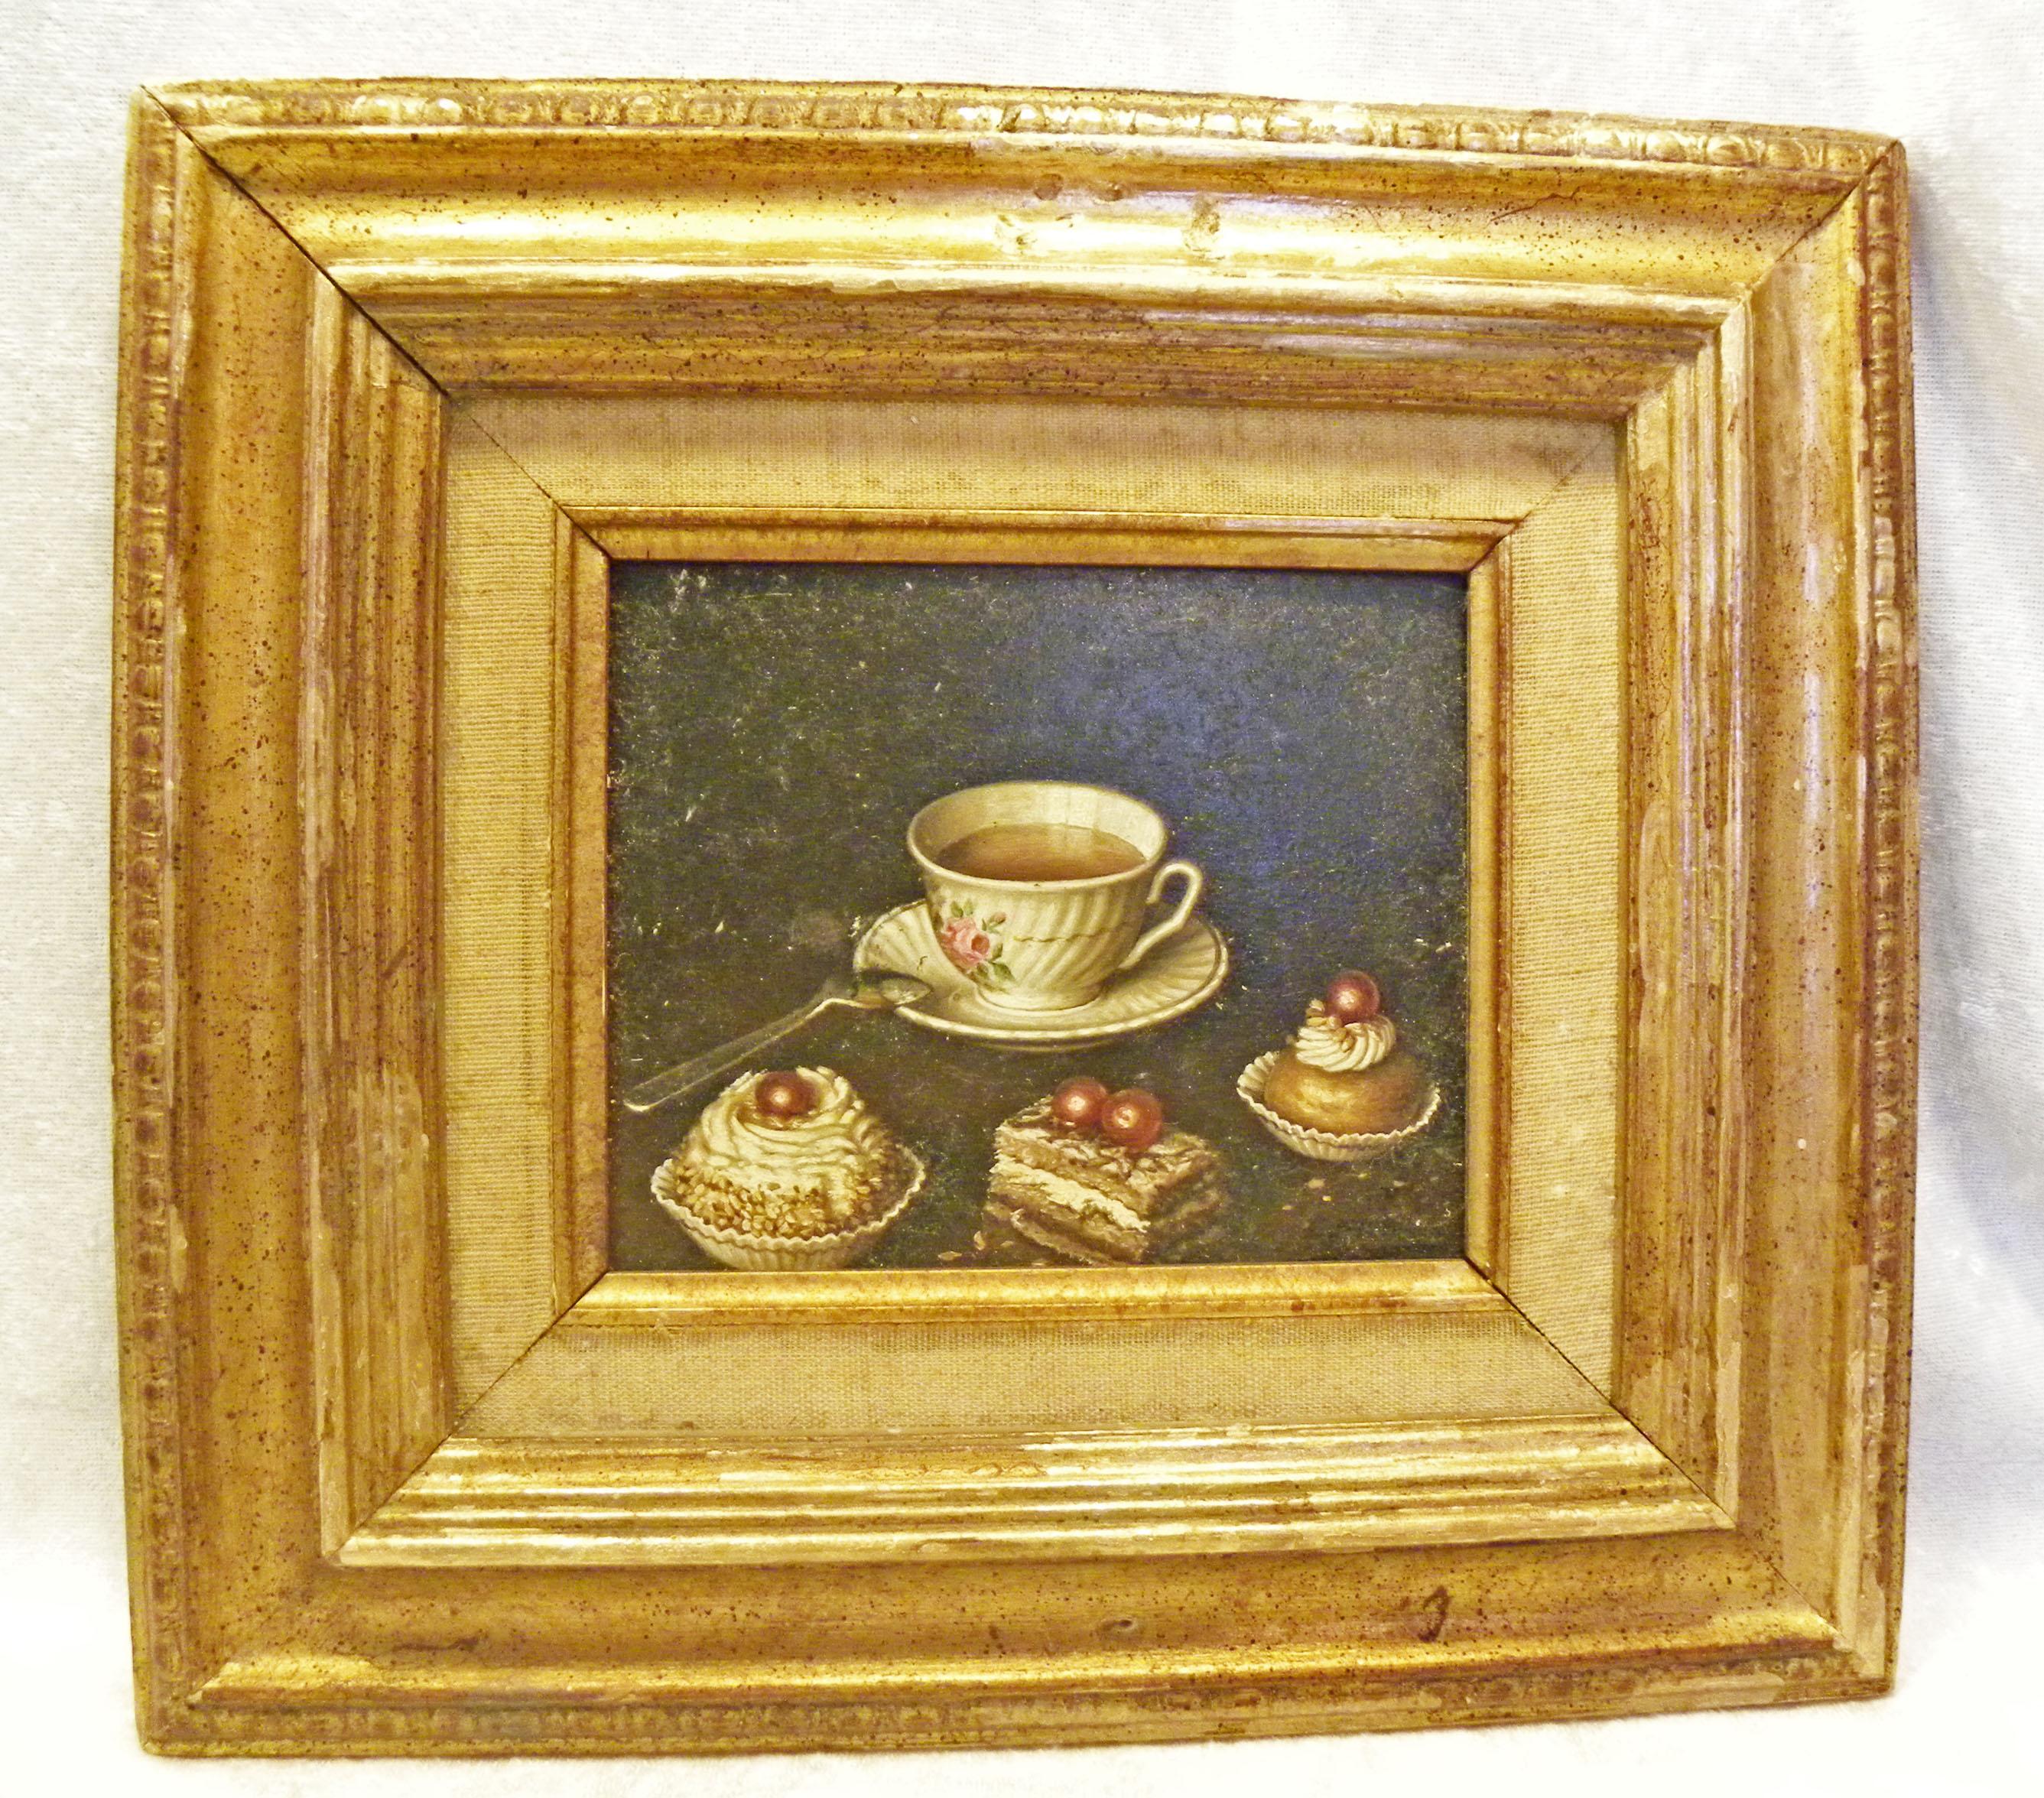 vintage original framed miniature still life oil painting